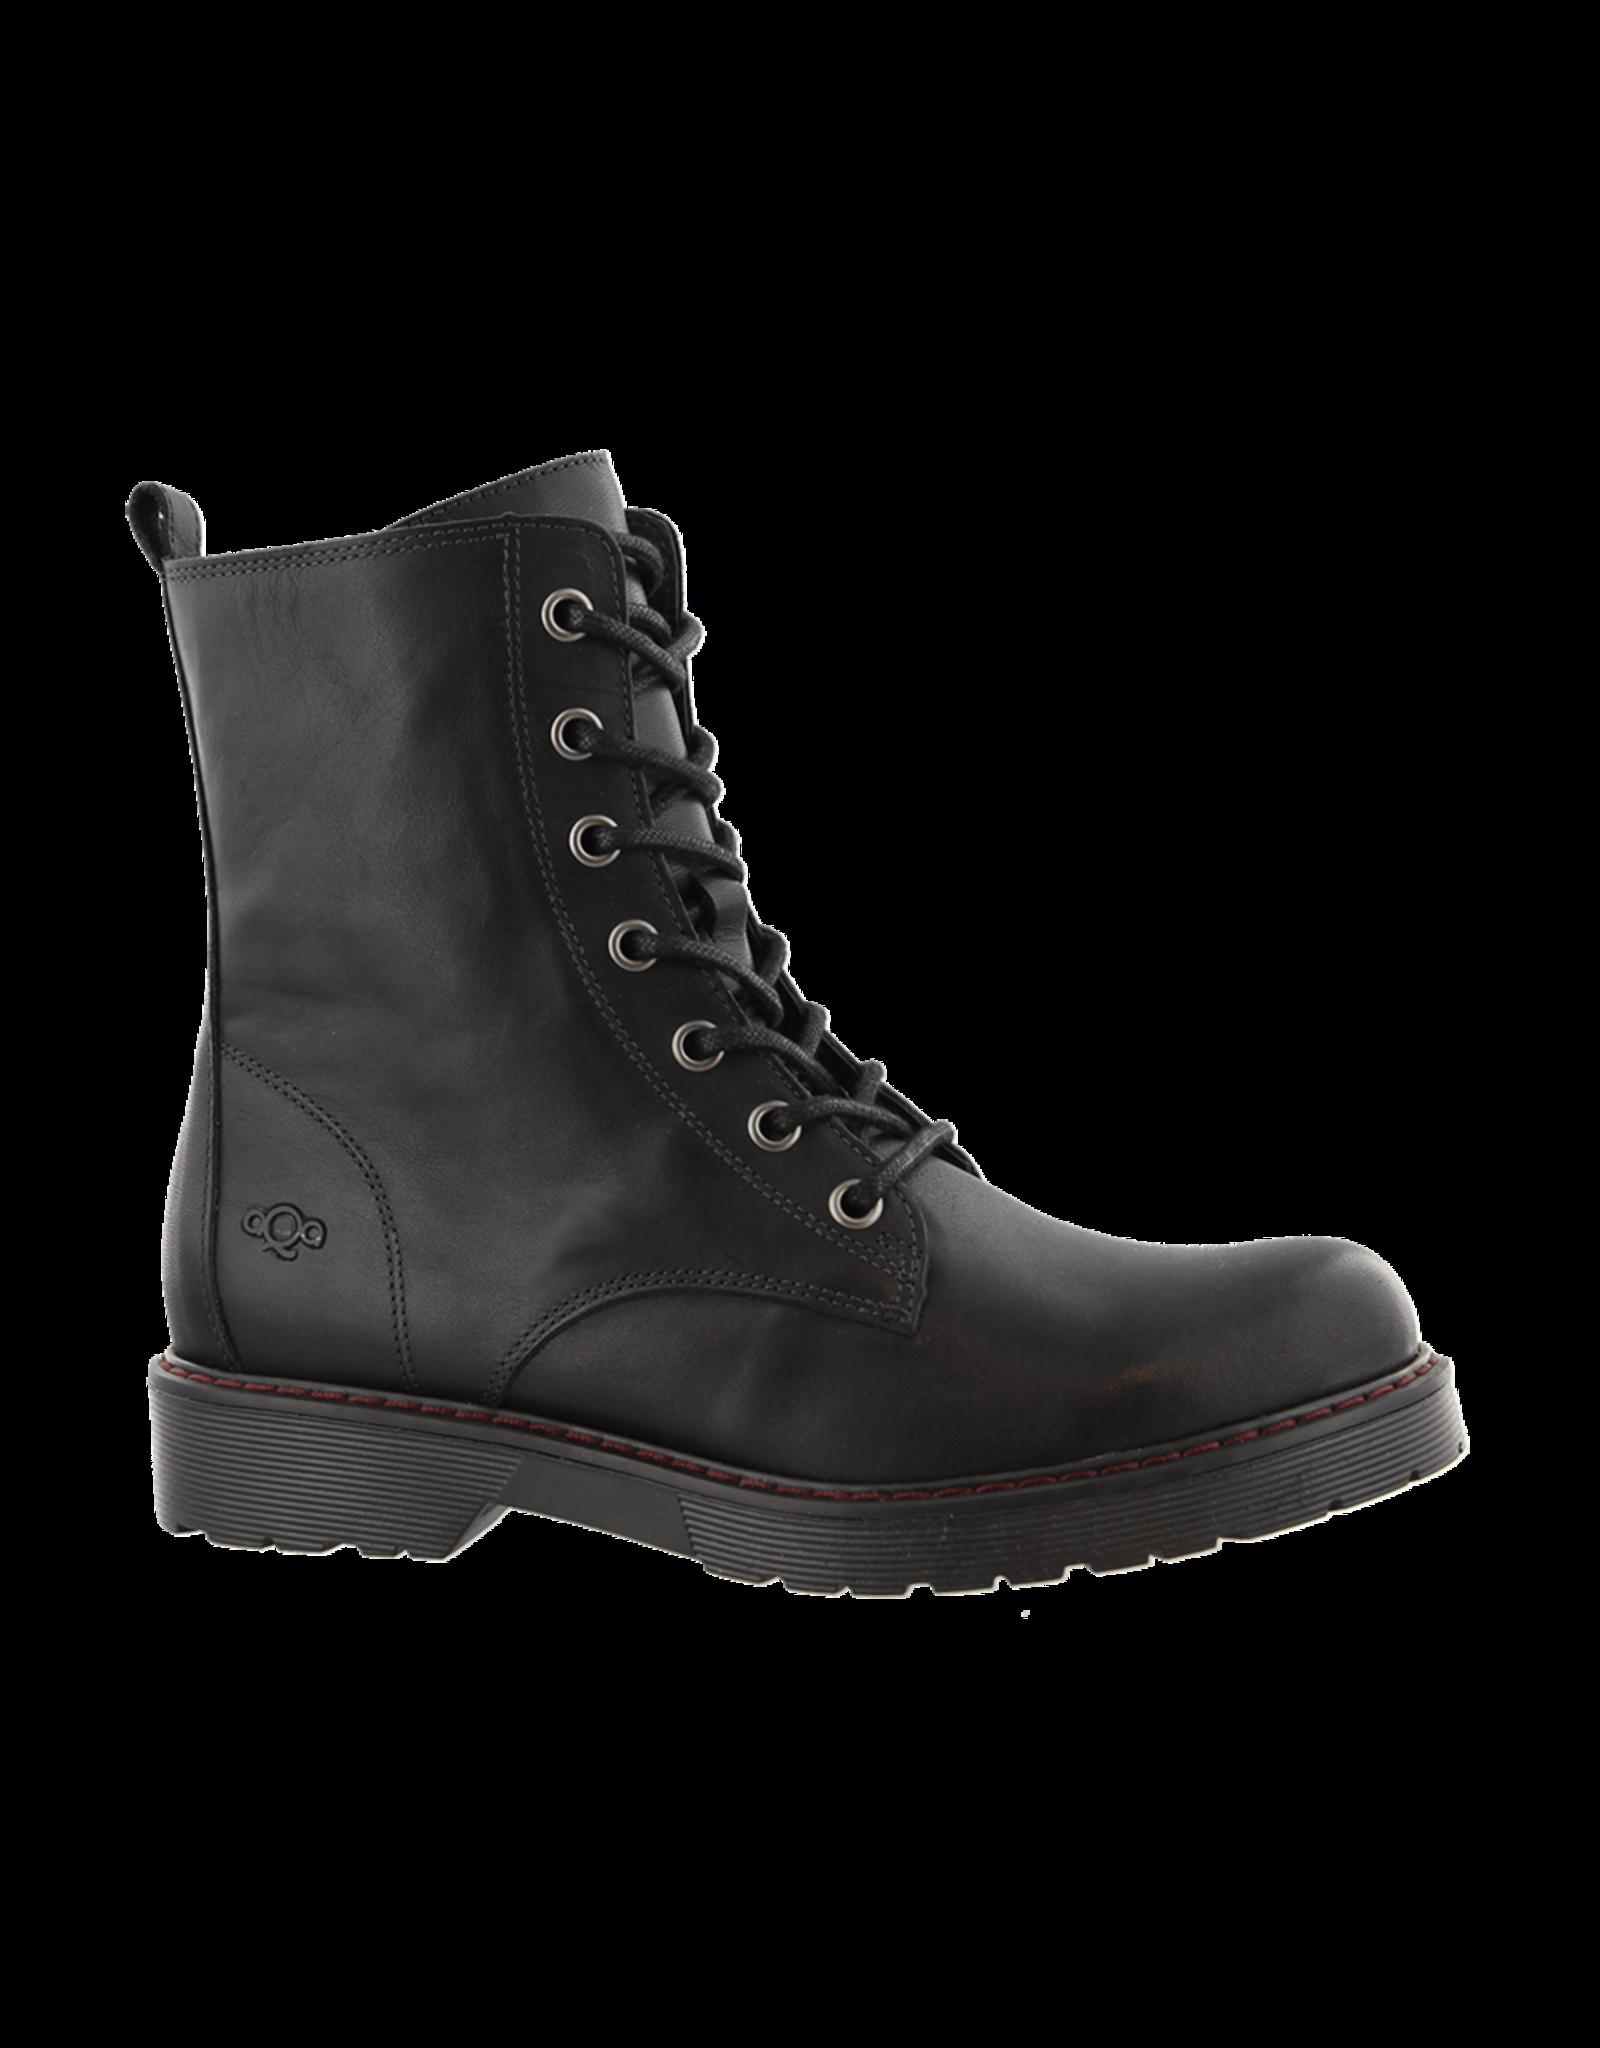 aqa A7500 B19 Black